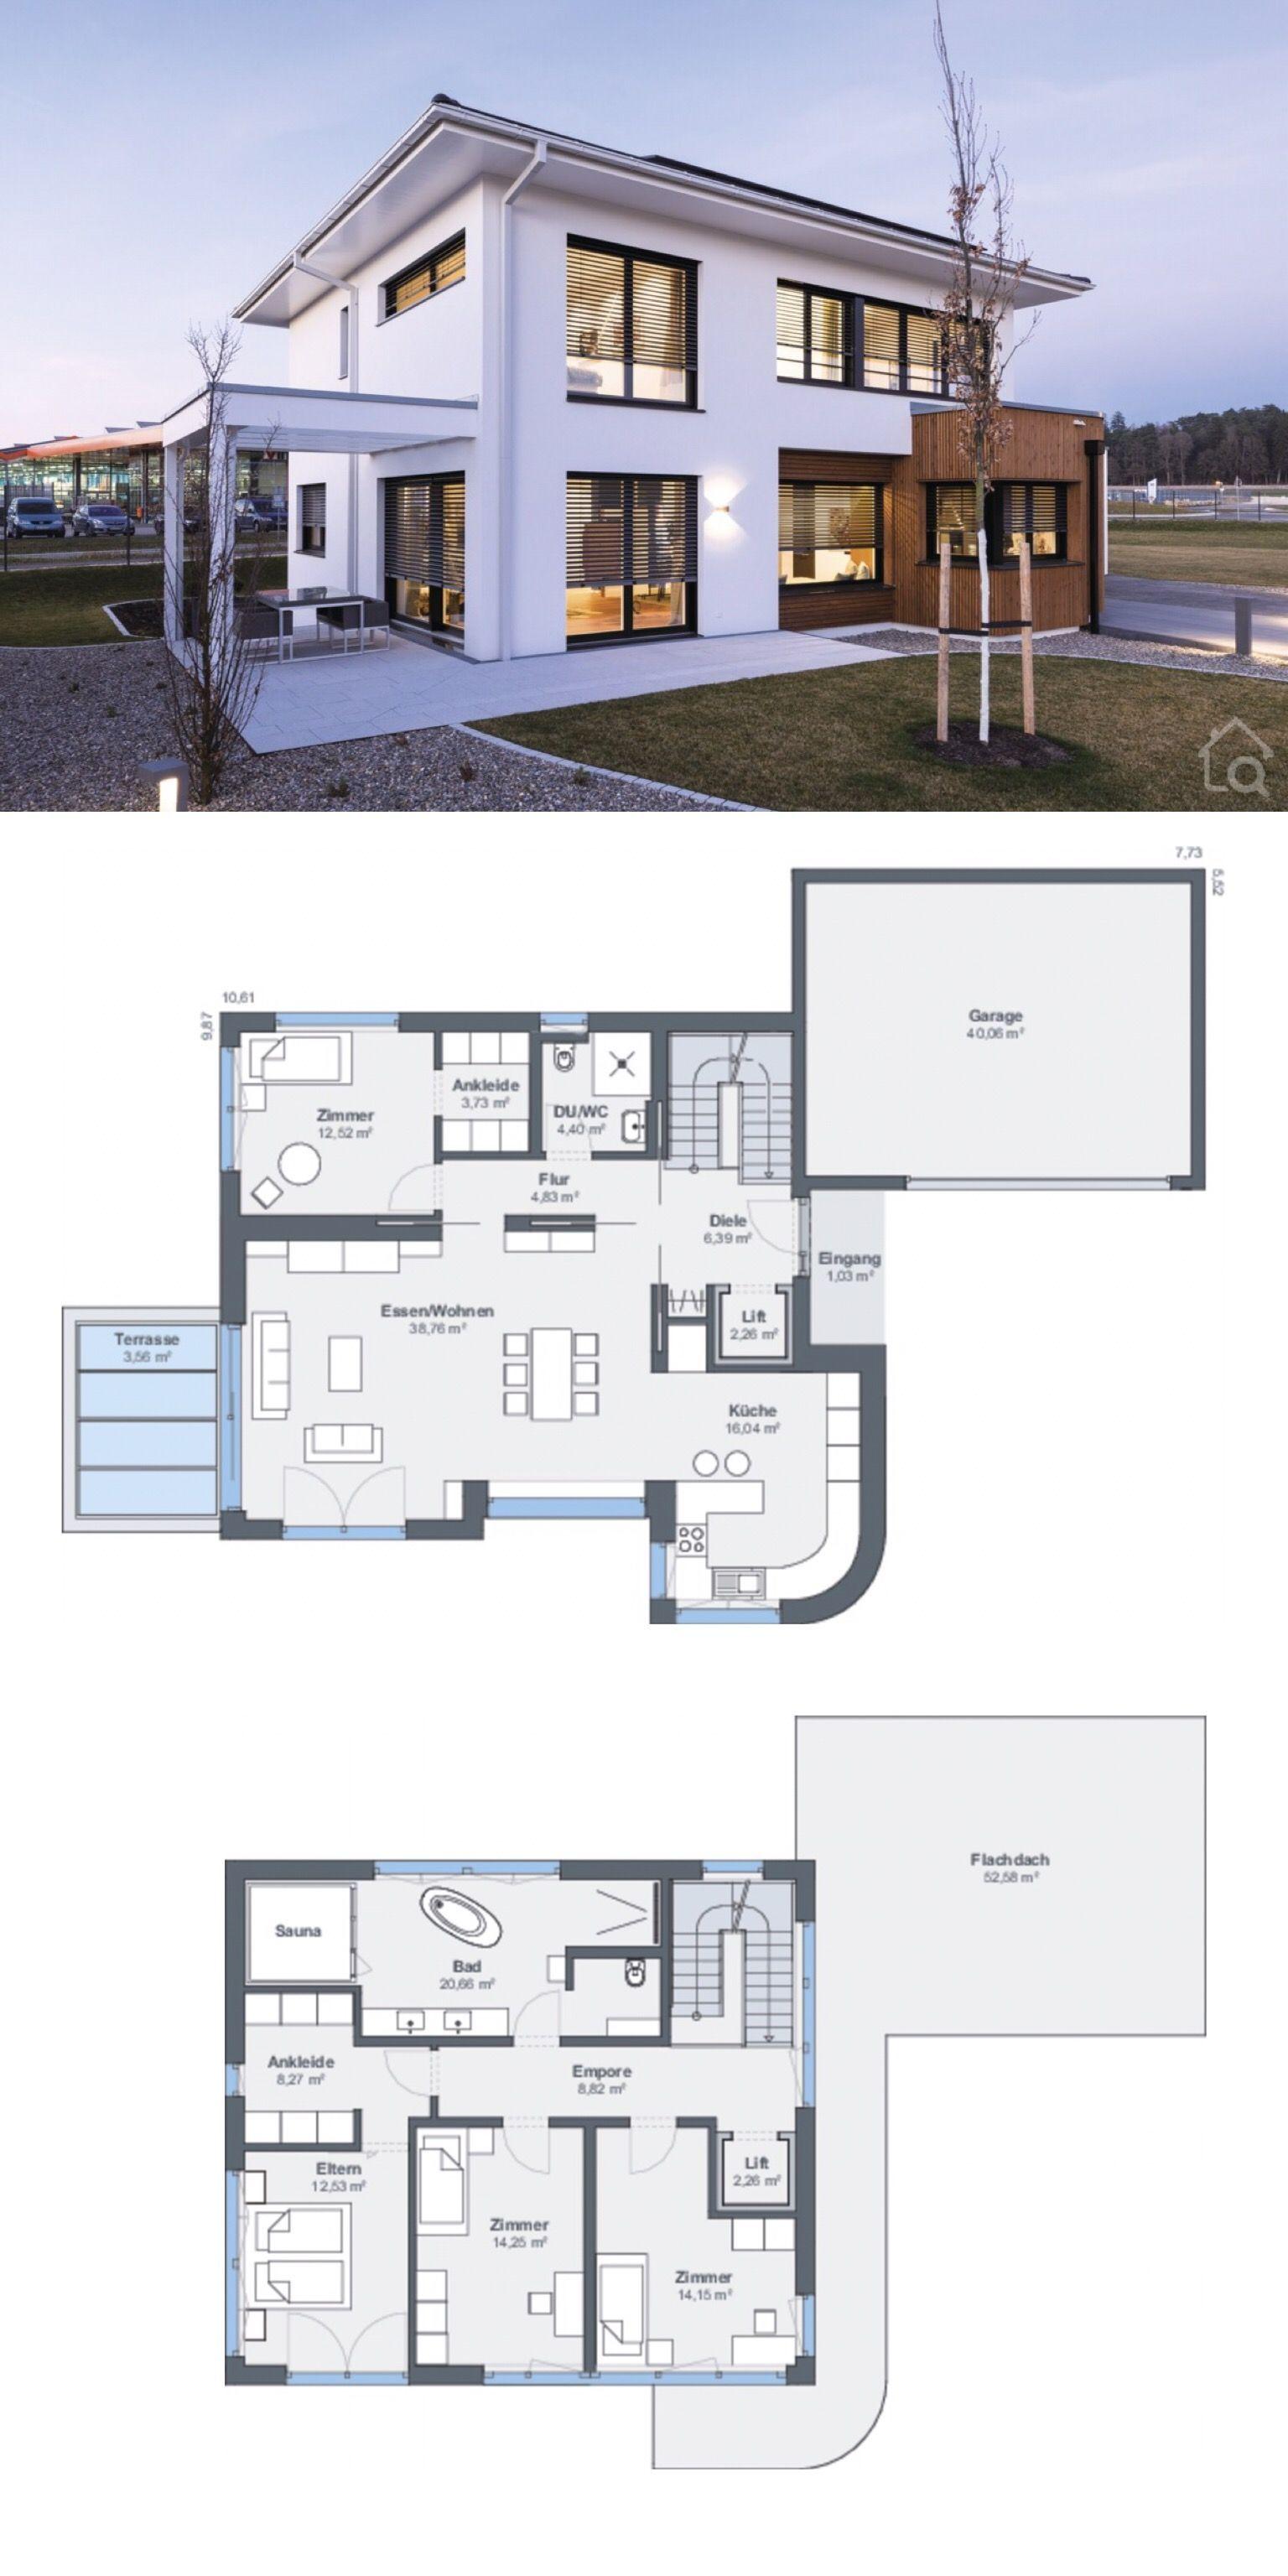 Einfamilienhaus Stadtvilla modern Grundriss mit Garage